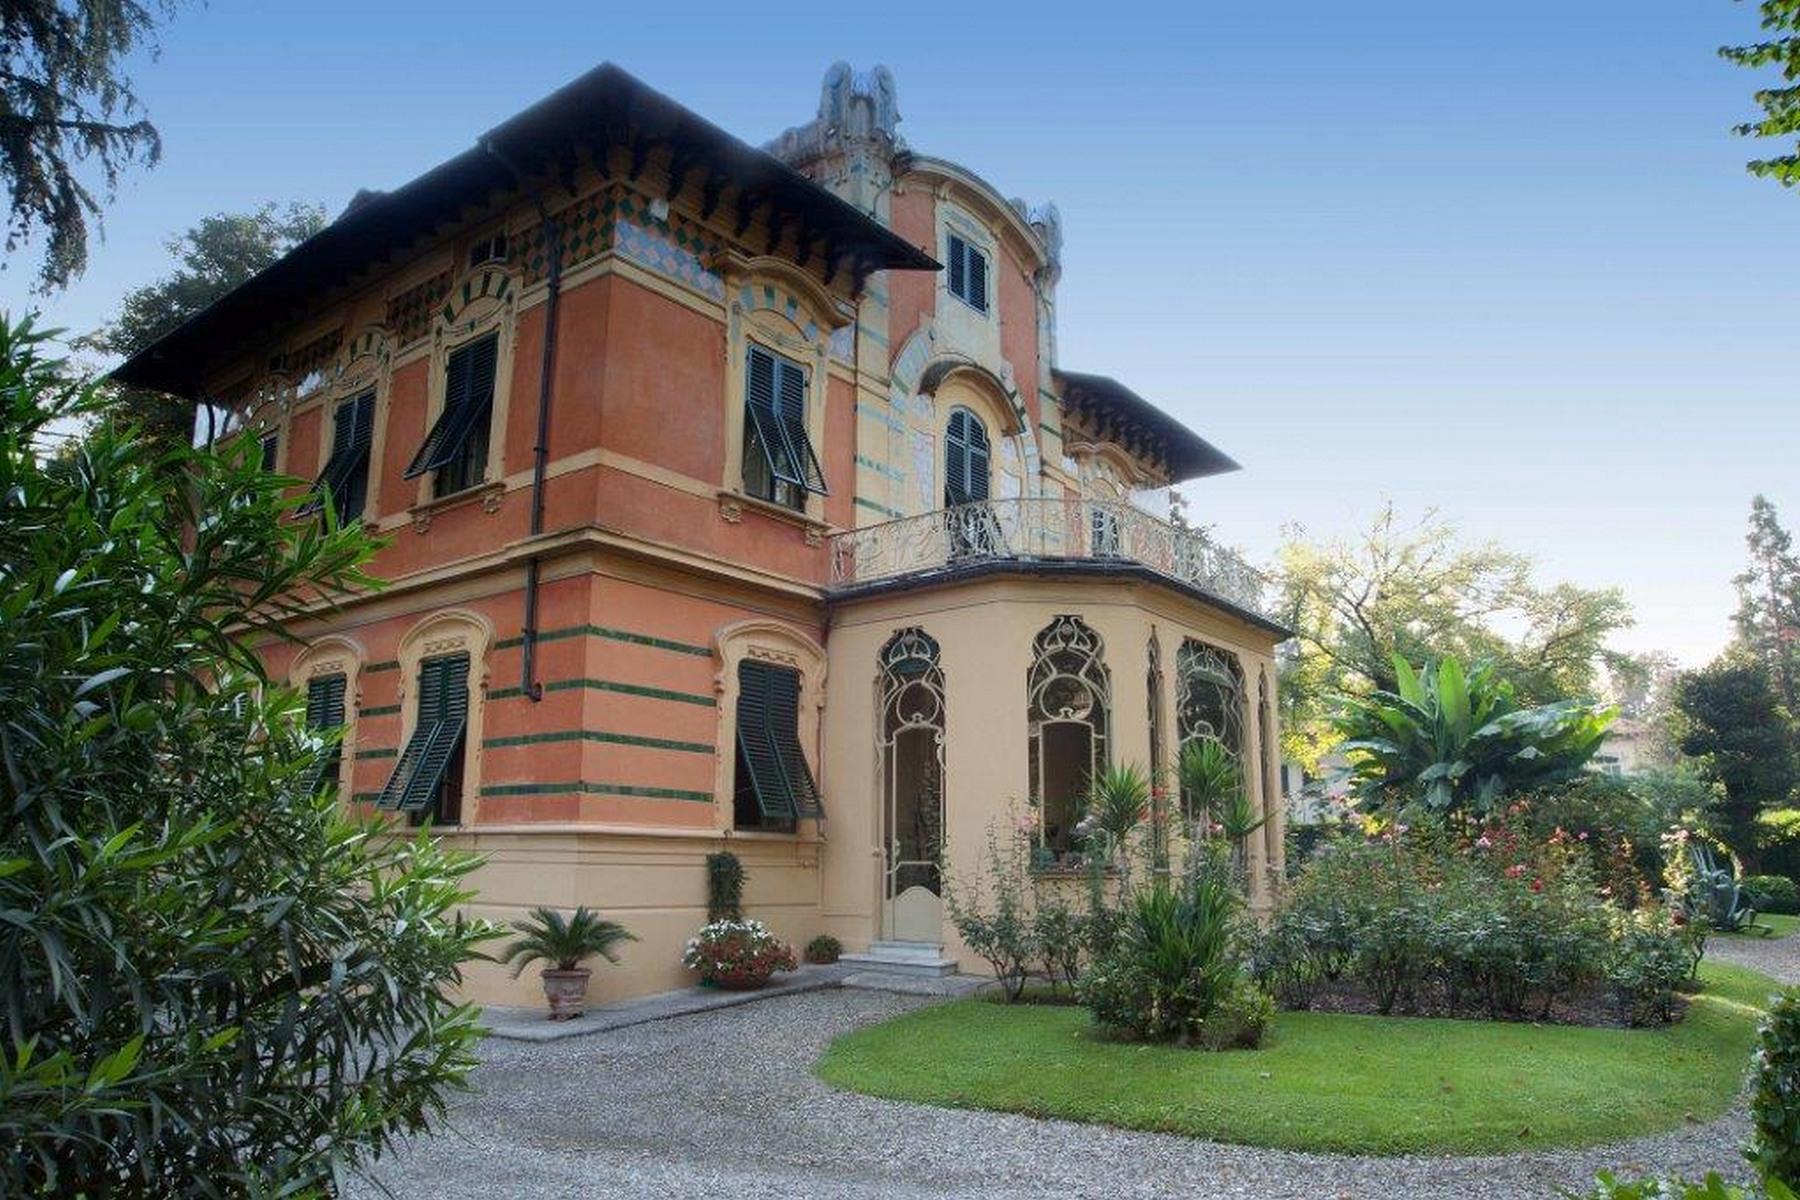 Villa in Vendita a Capannori via pietro paolini